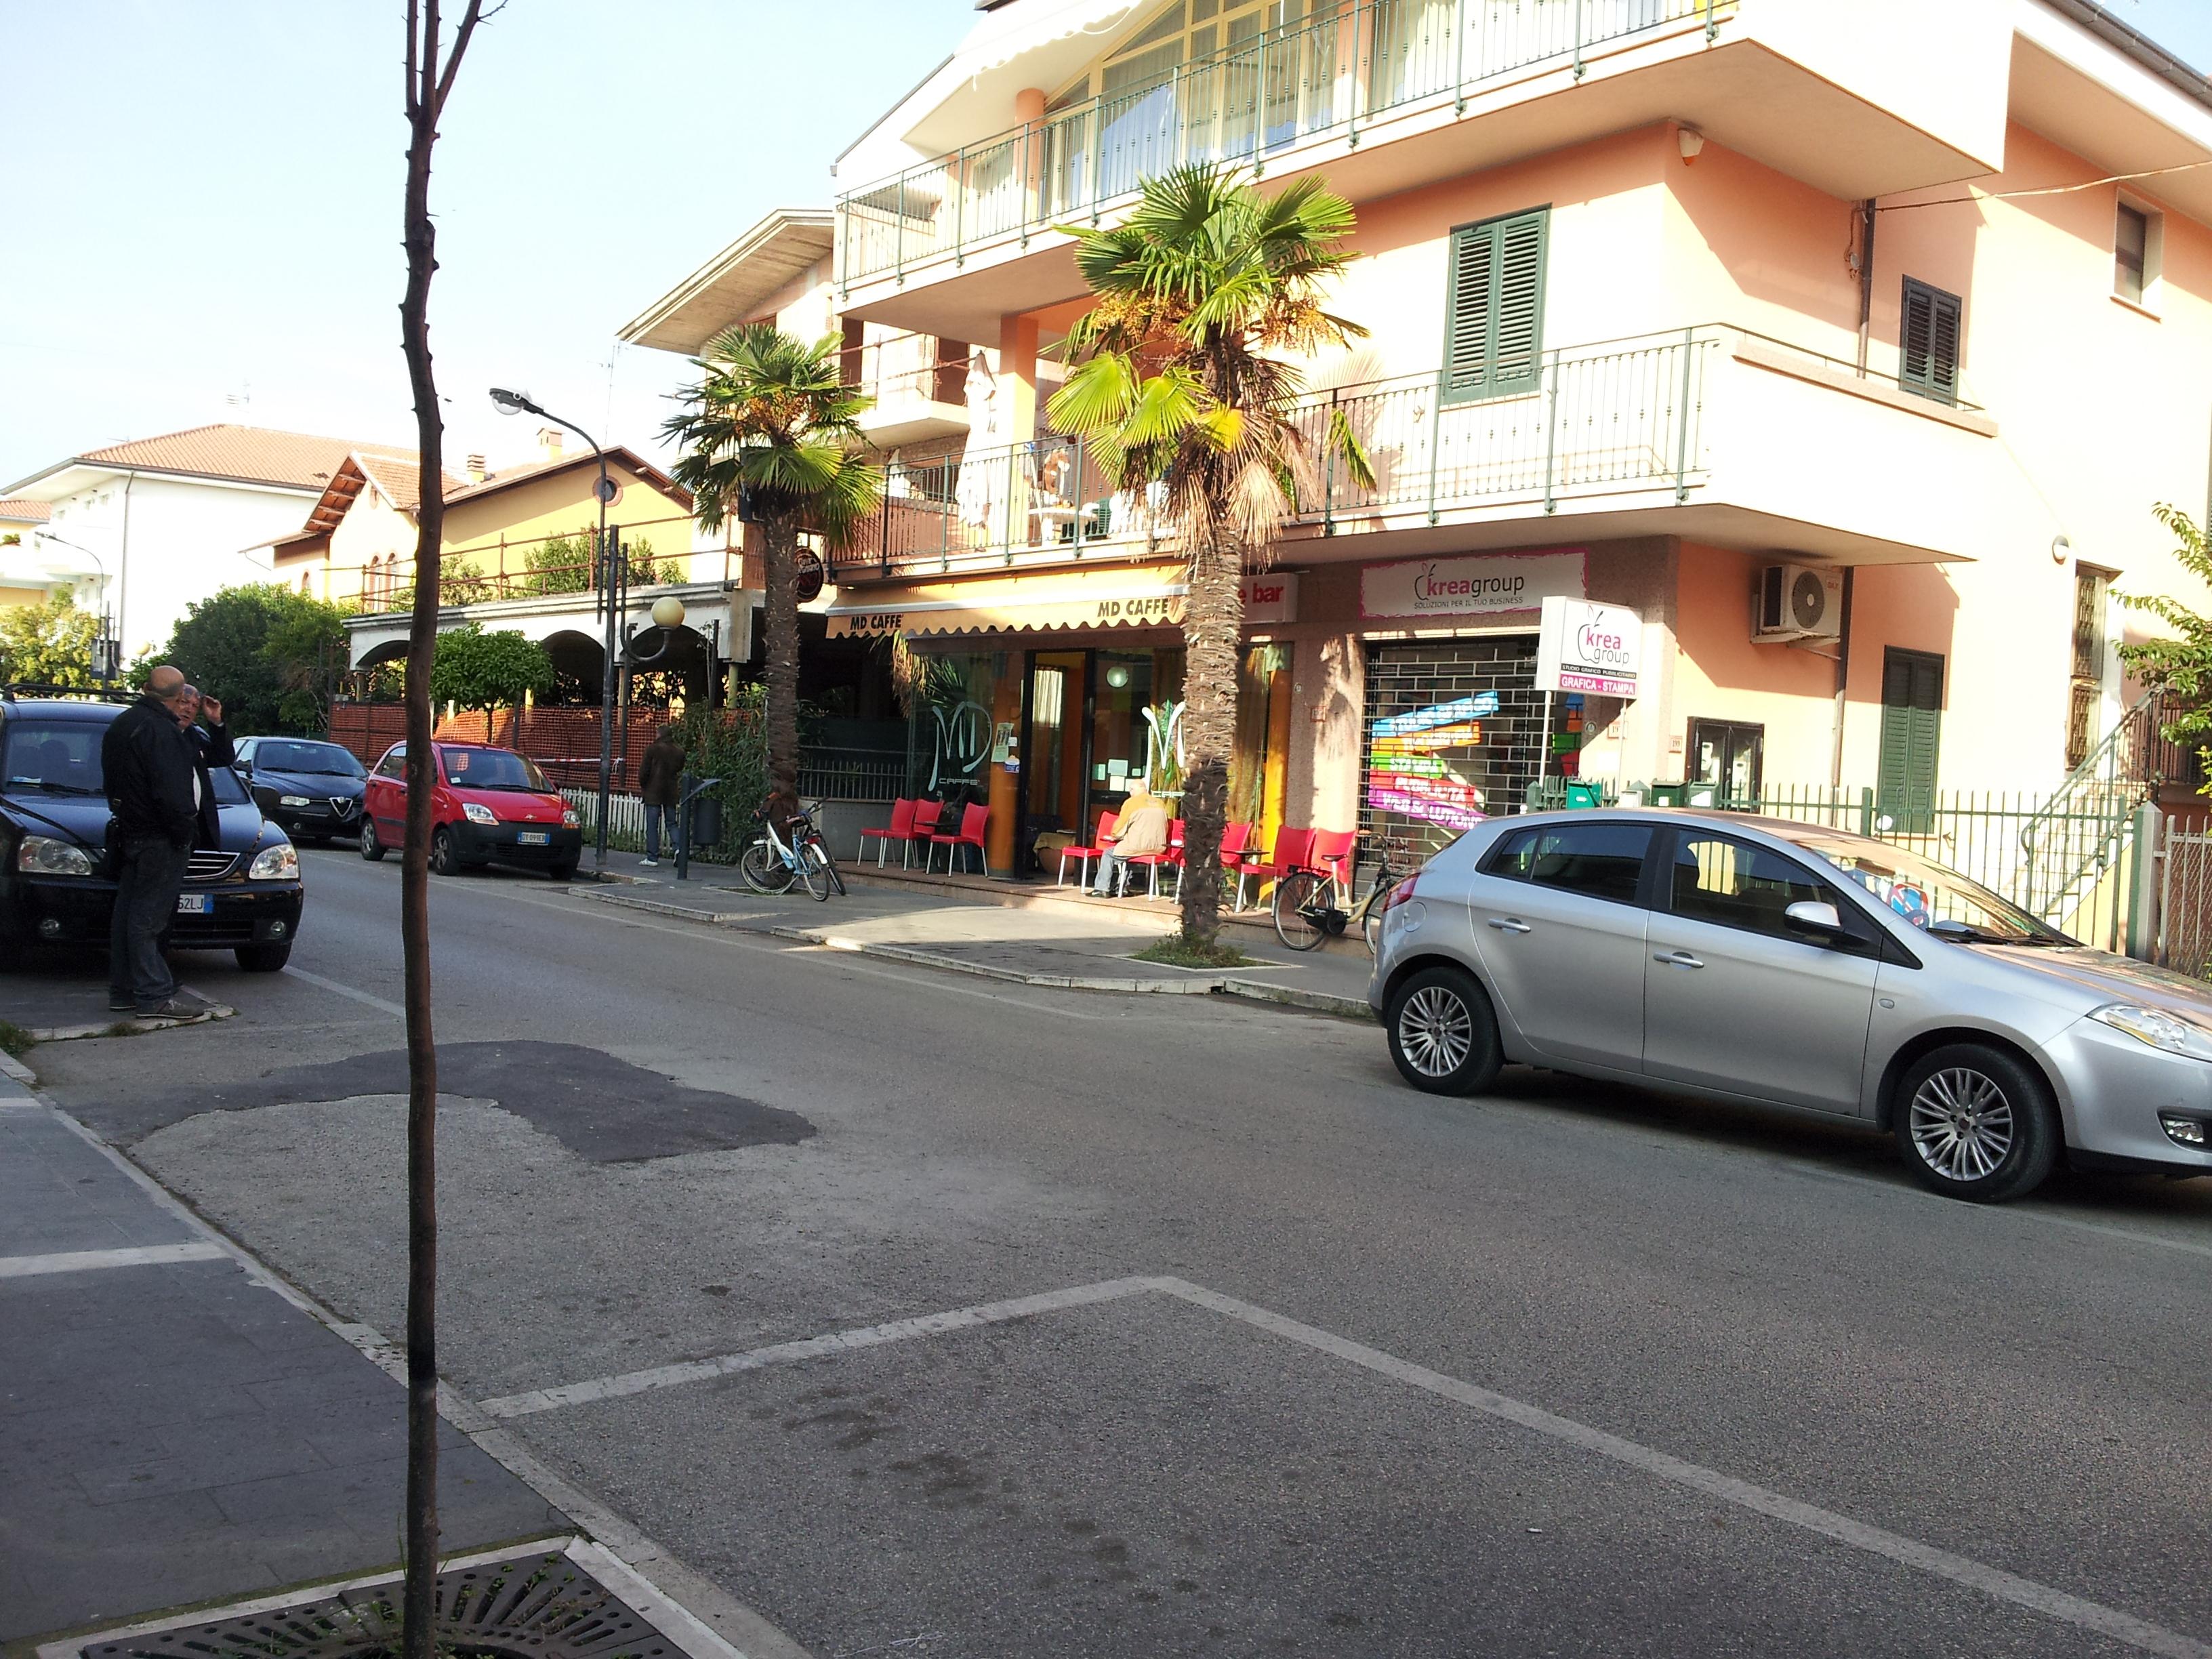 Alba Adriatica, la via dove è avvenuta la sparatoria